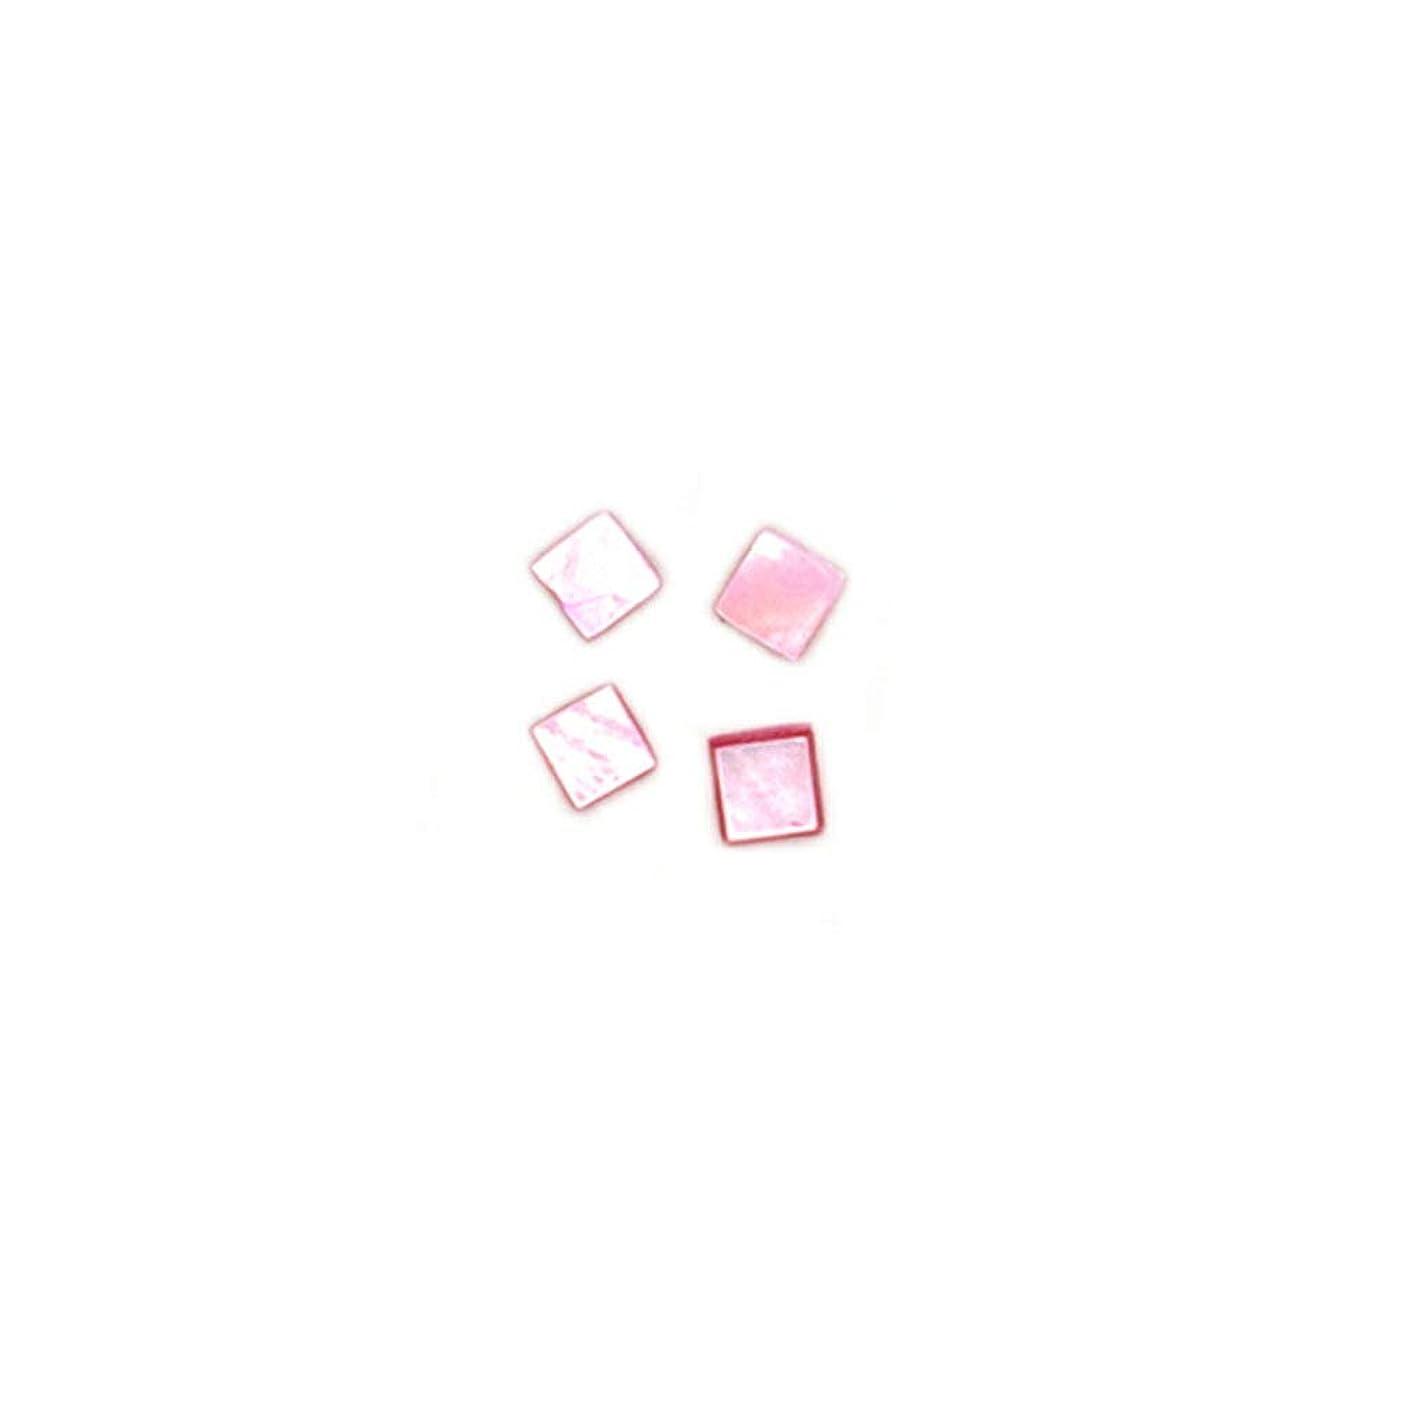 ナイトスポットティーム橋脚irogel イロジェル ネイルアート カラーシェルプレート シェルパーツ 【タイプA ピンク】